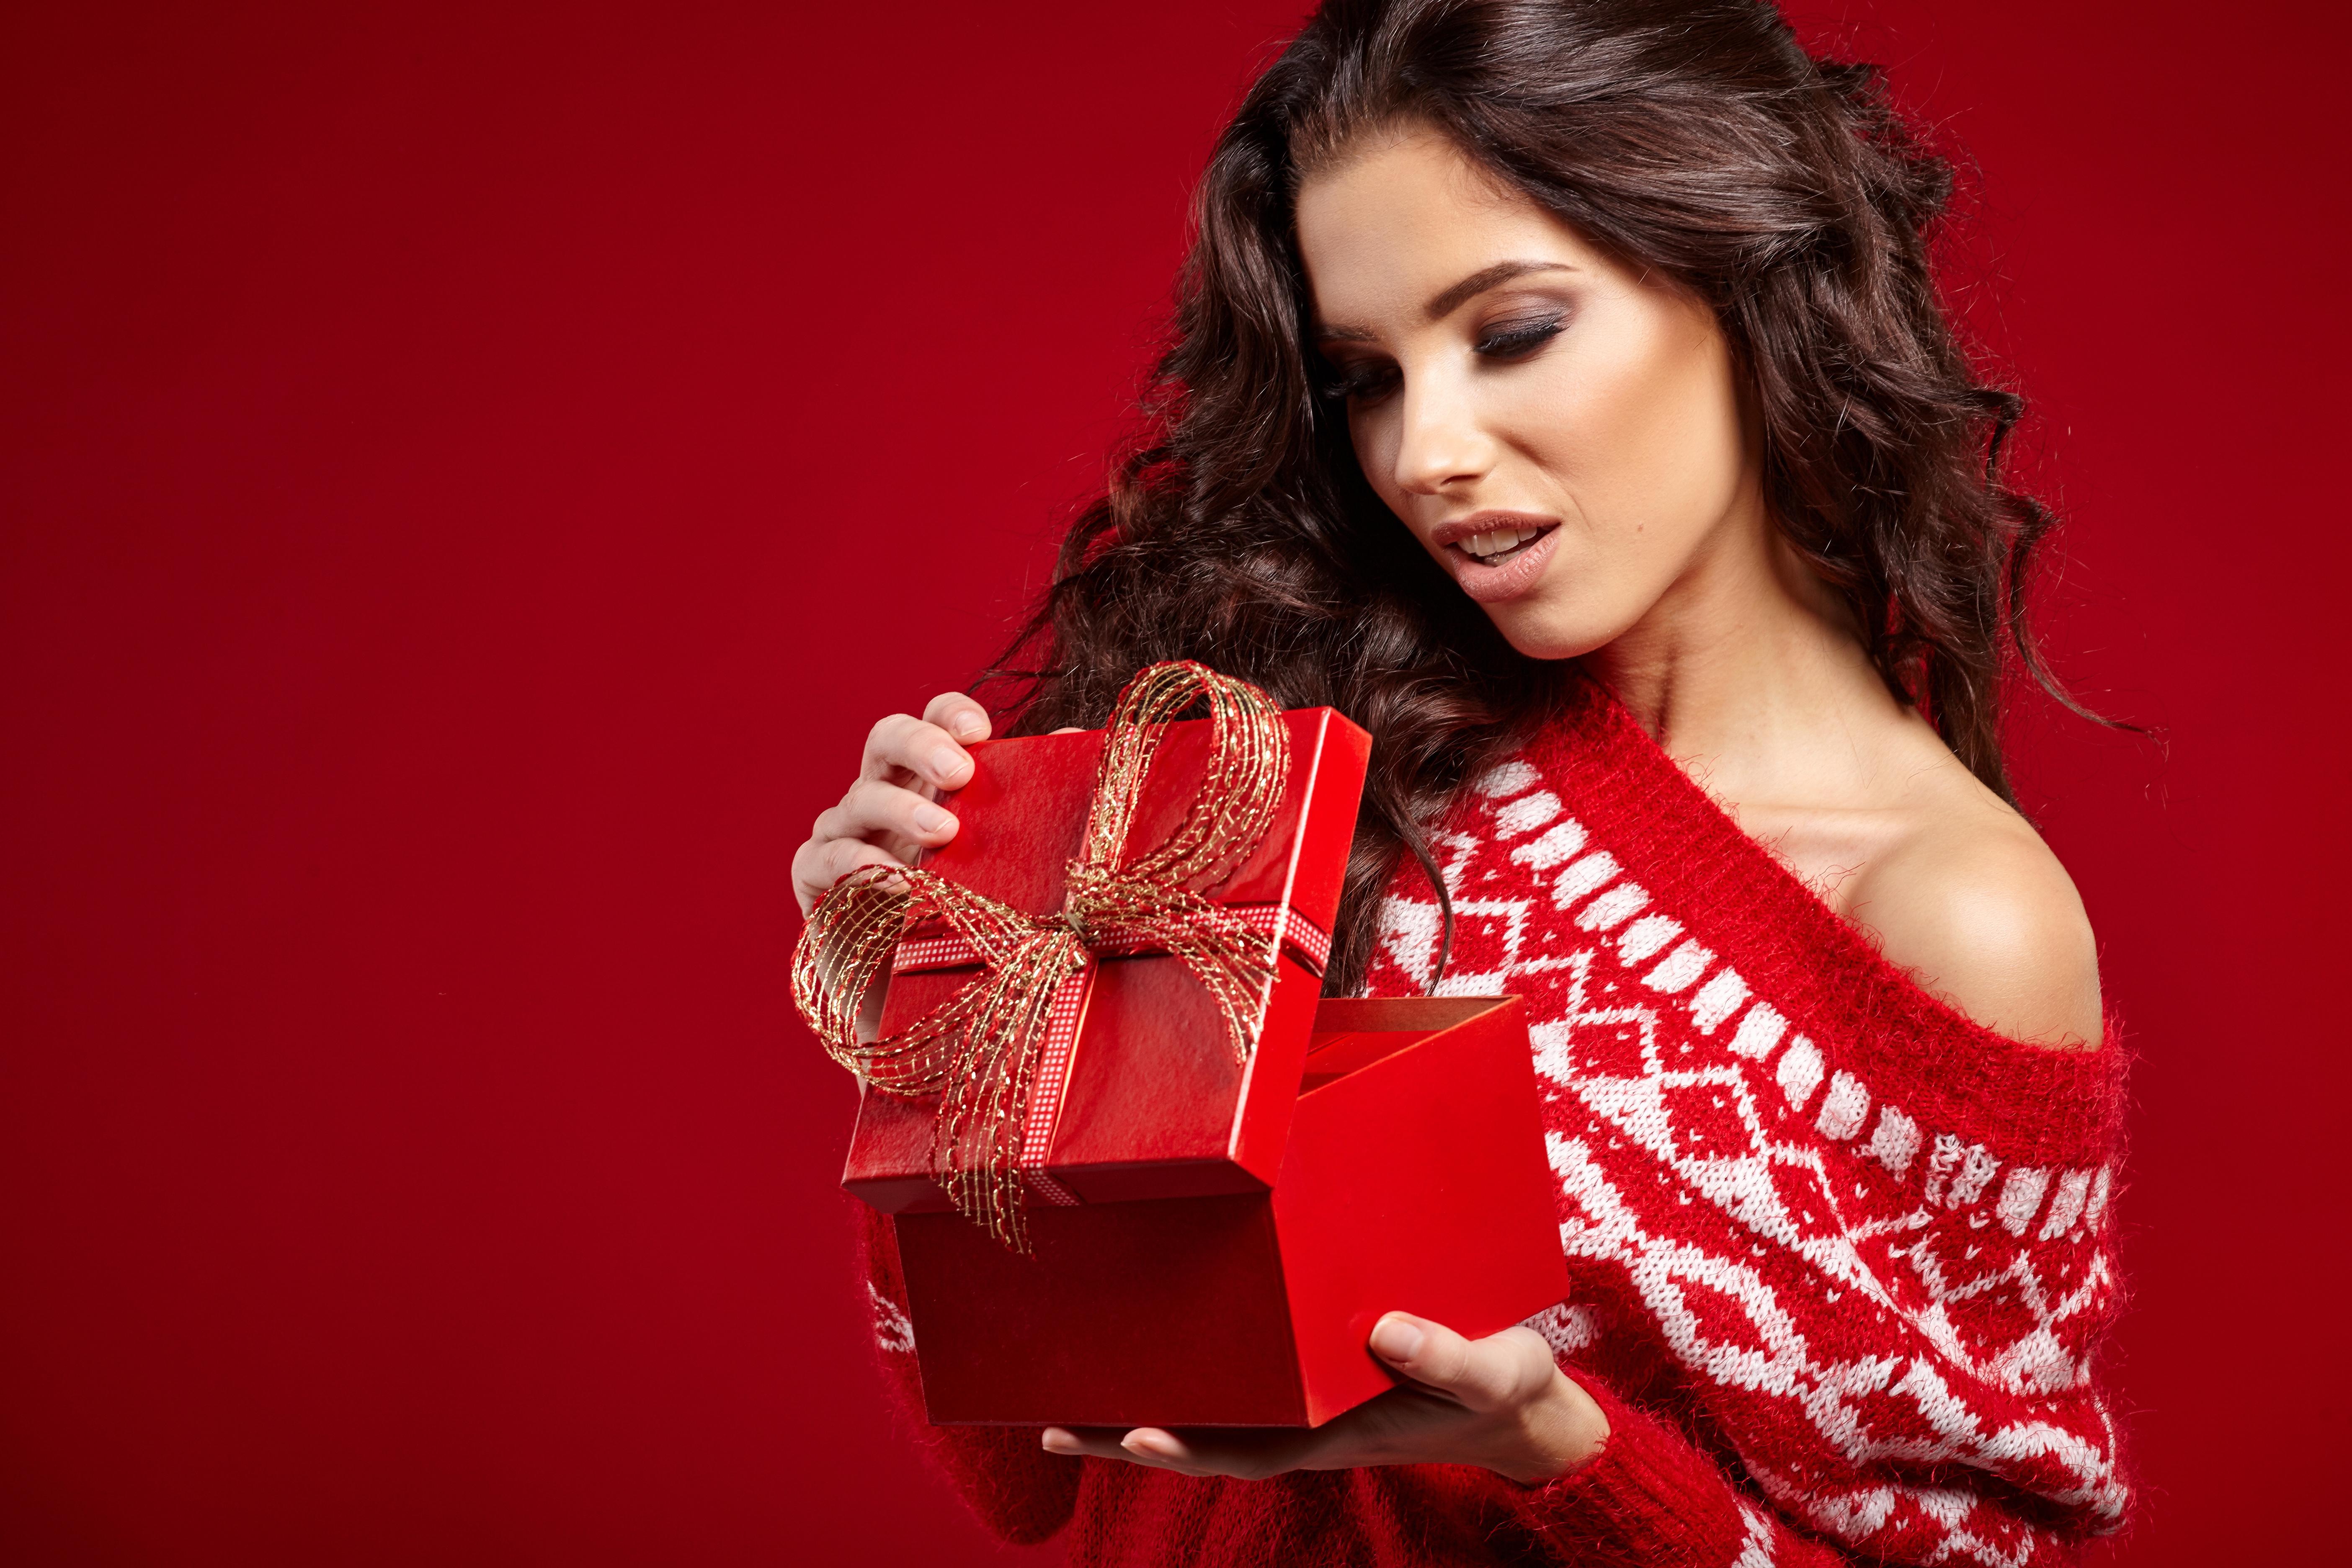 Картинка в подарок для красивой девушки